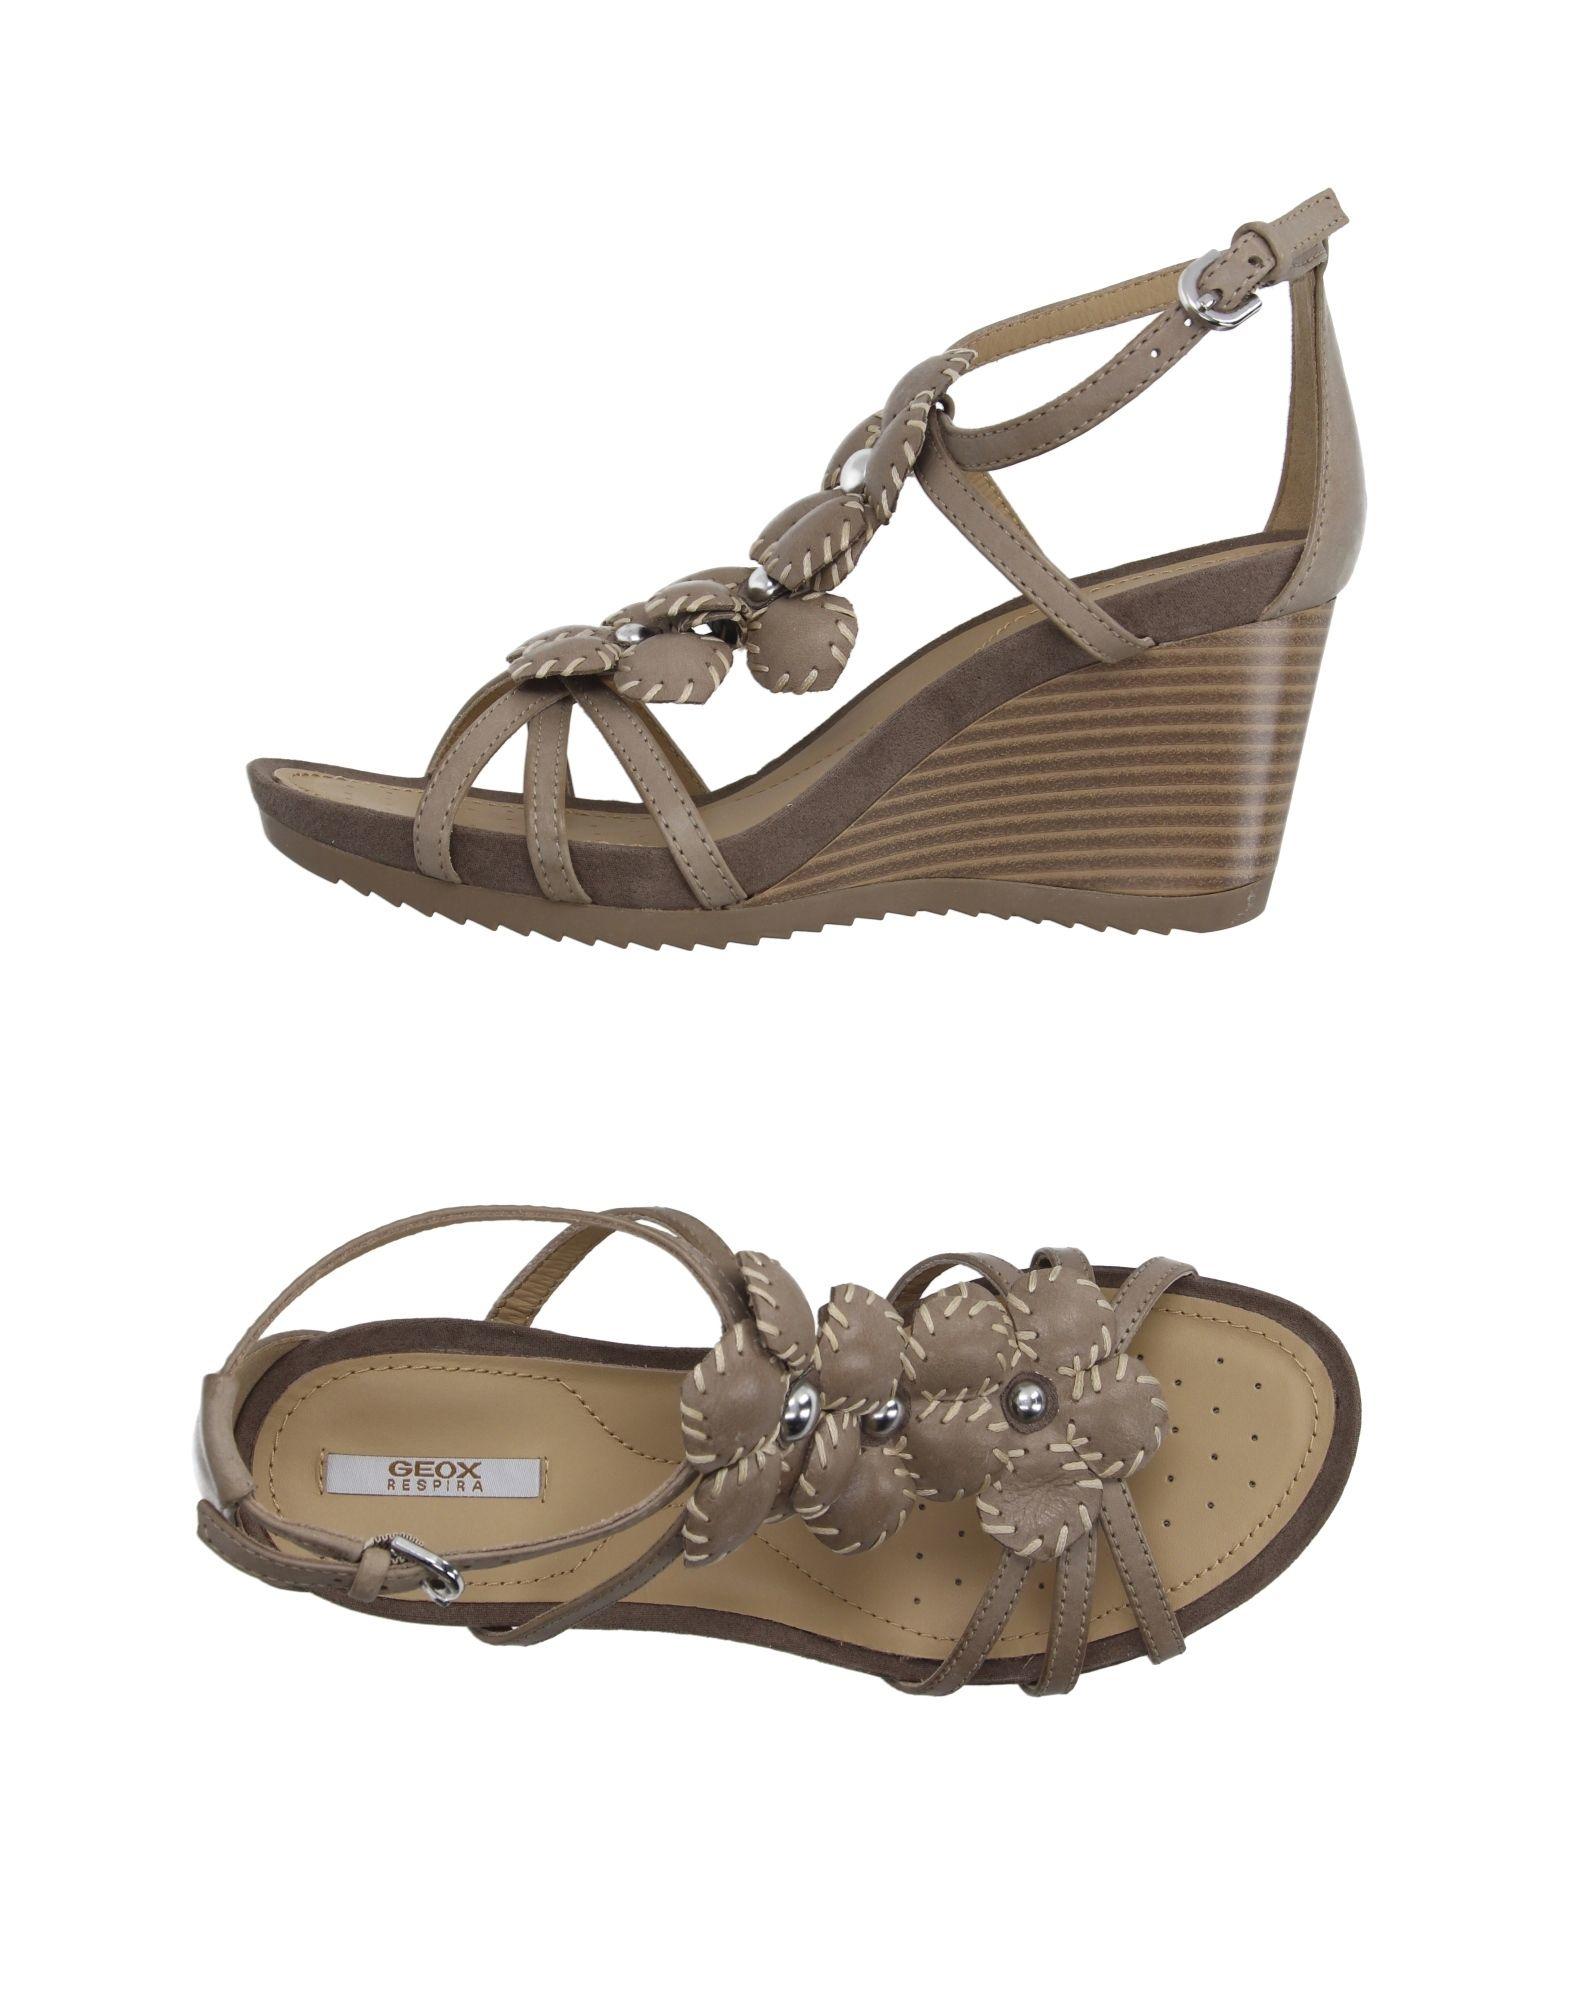 Cool Geox Vega Womenu0026#39;s Casual Sandal | Charles Clinkard